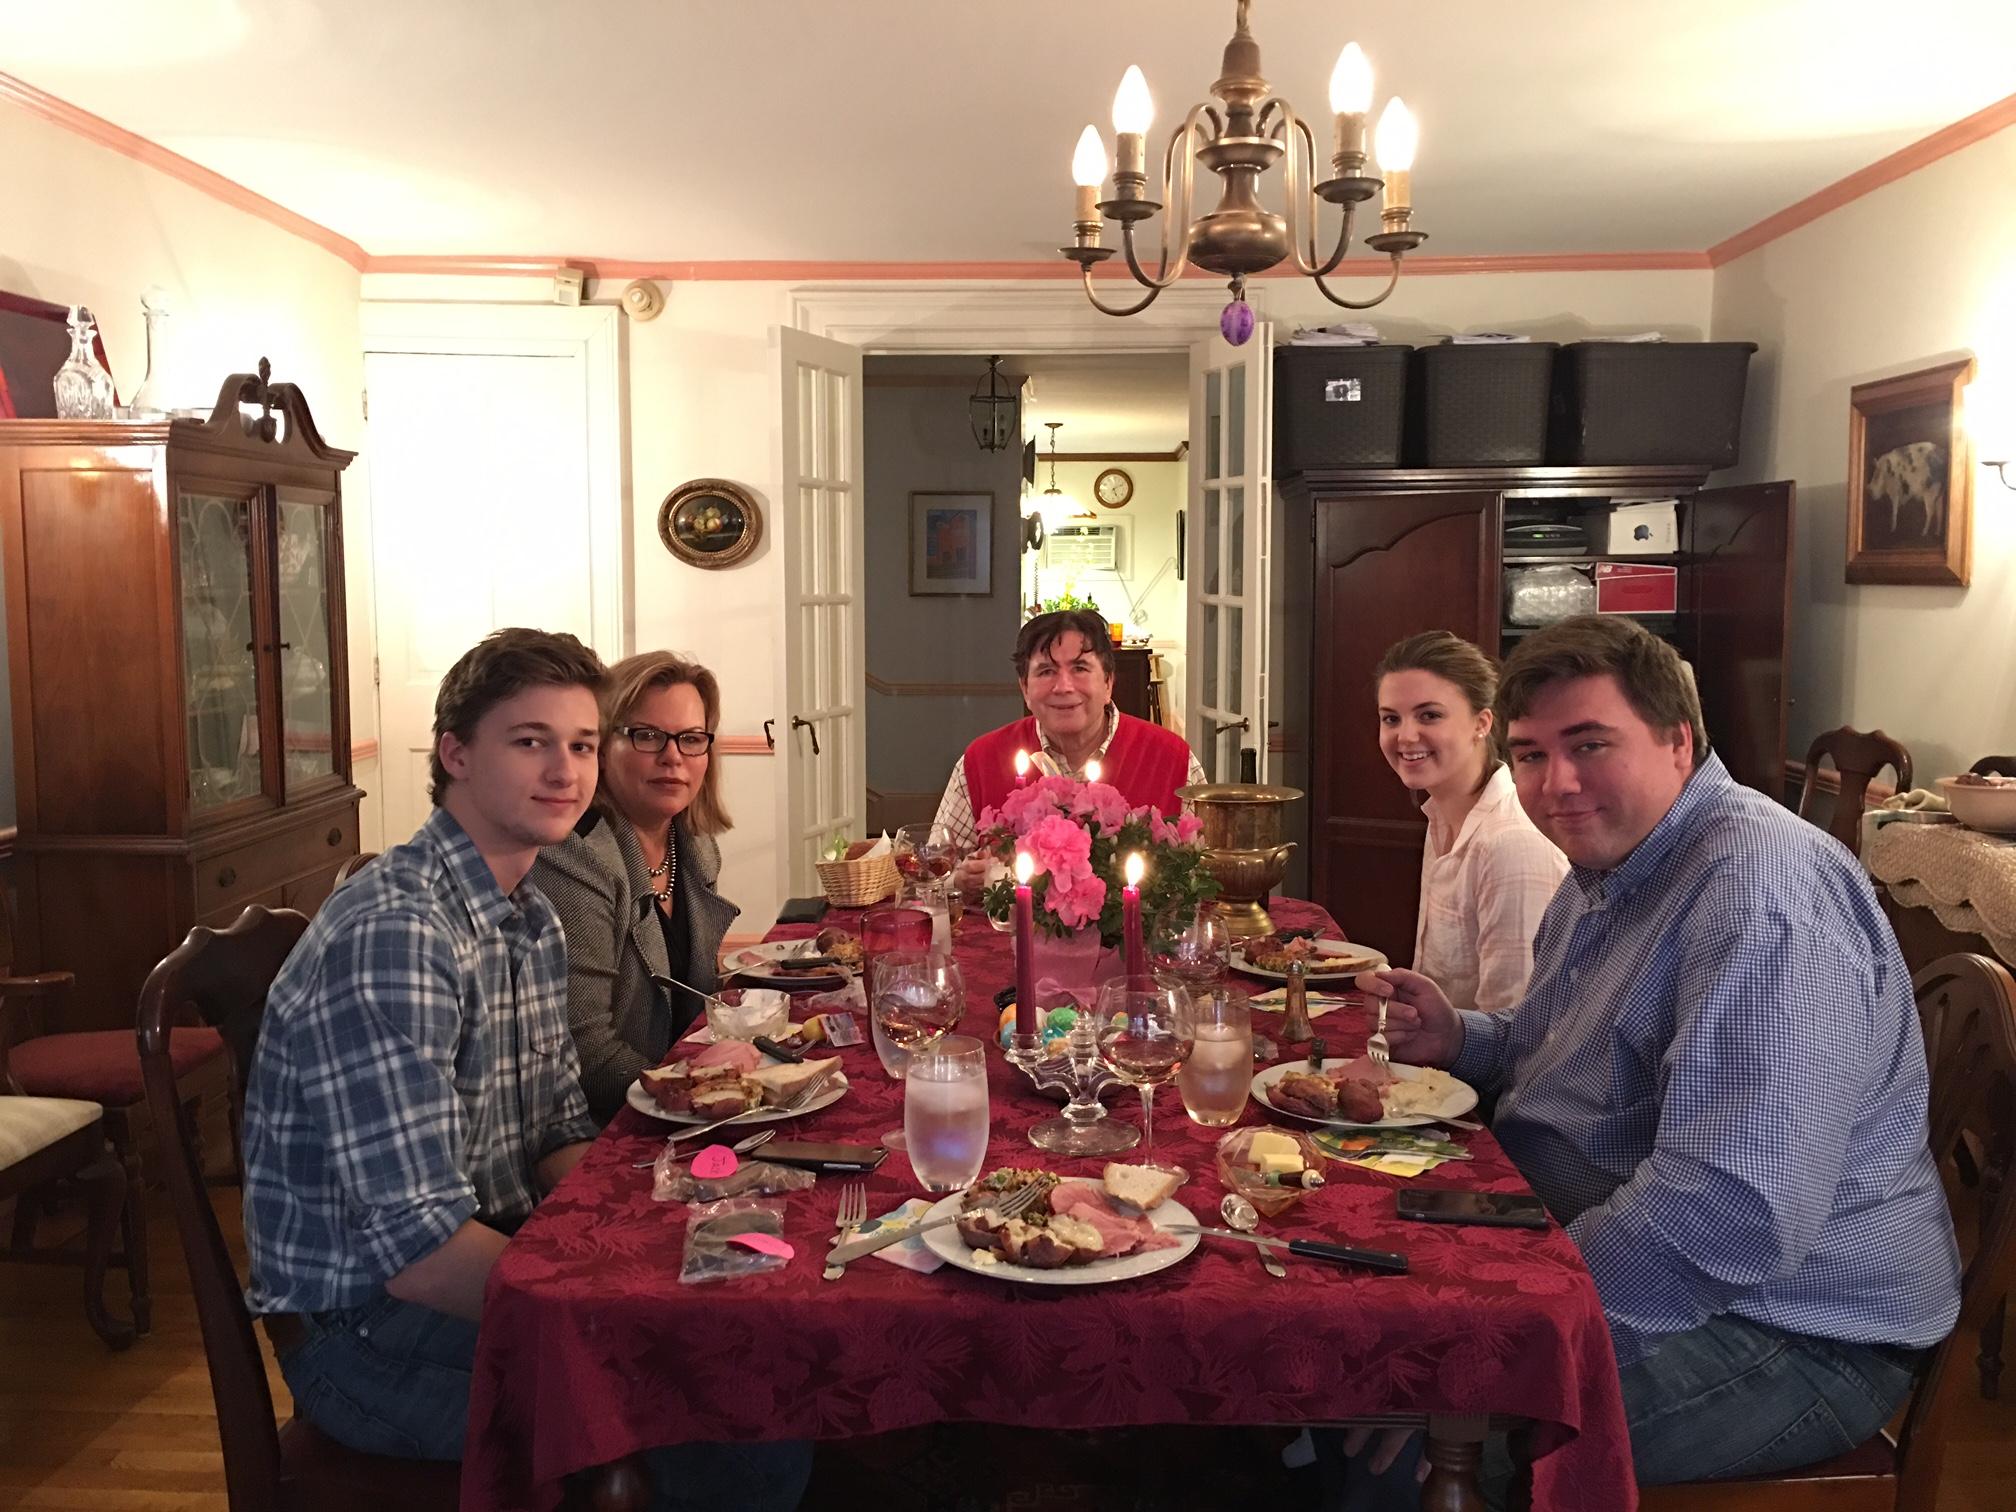 Easter Dinner, April 1, 2018